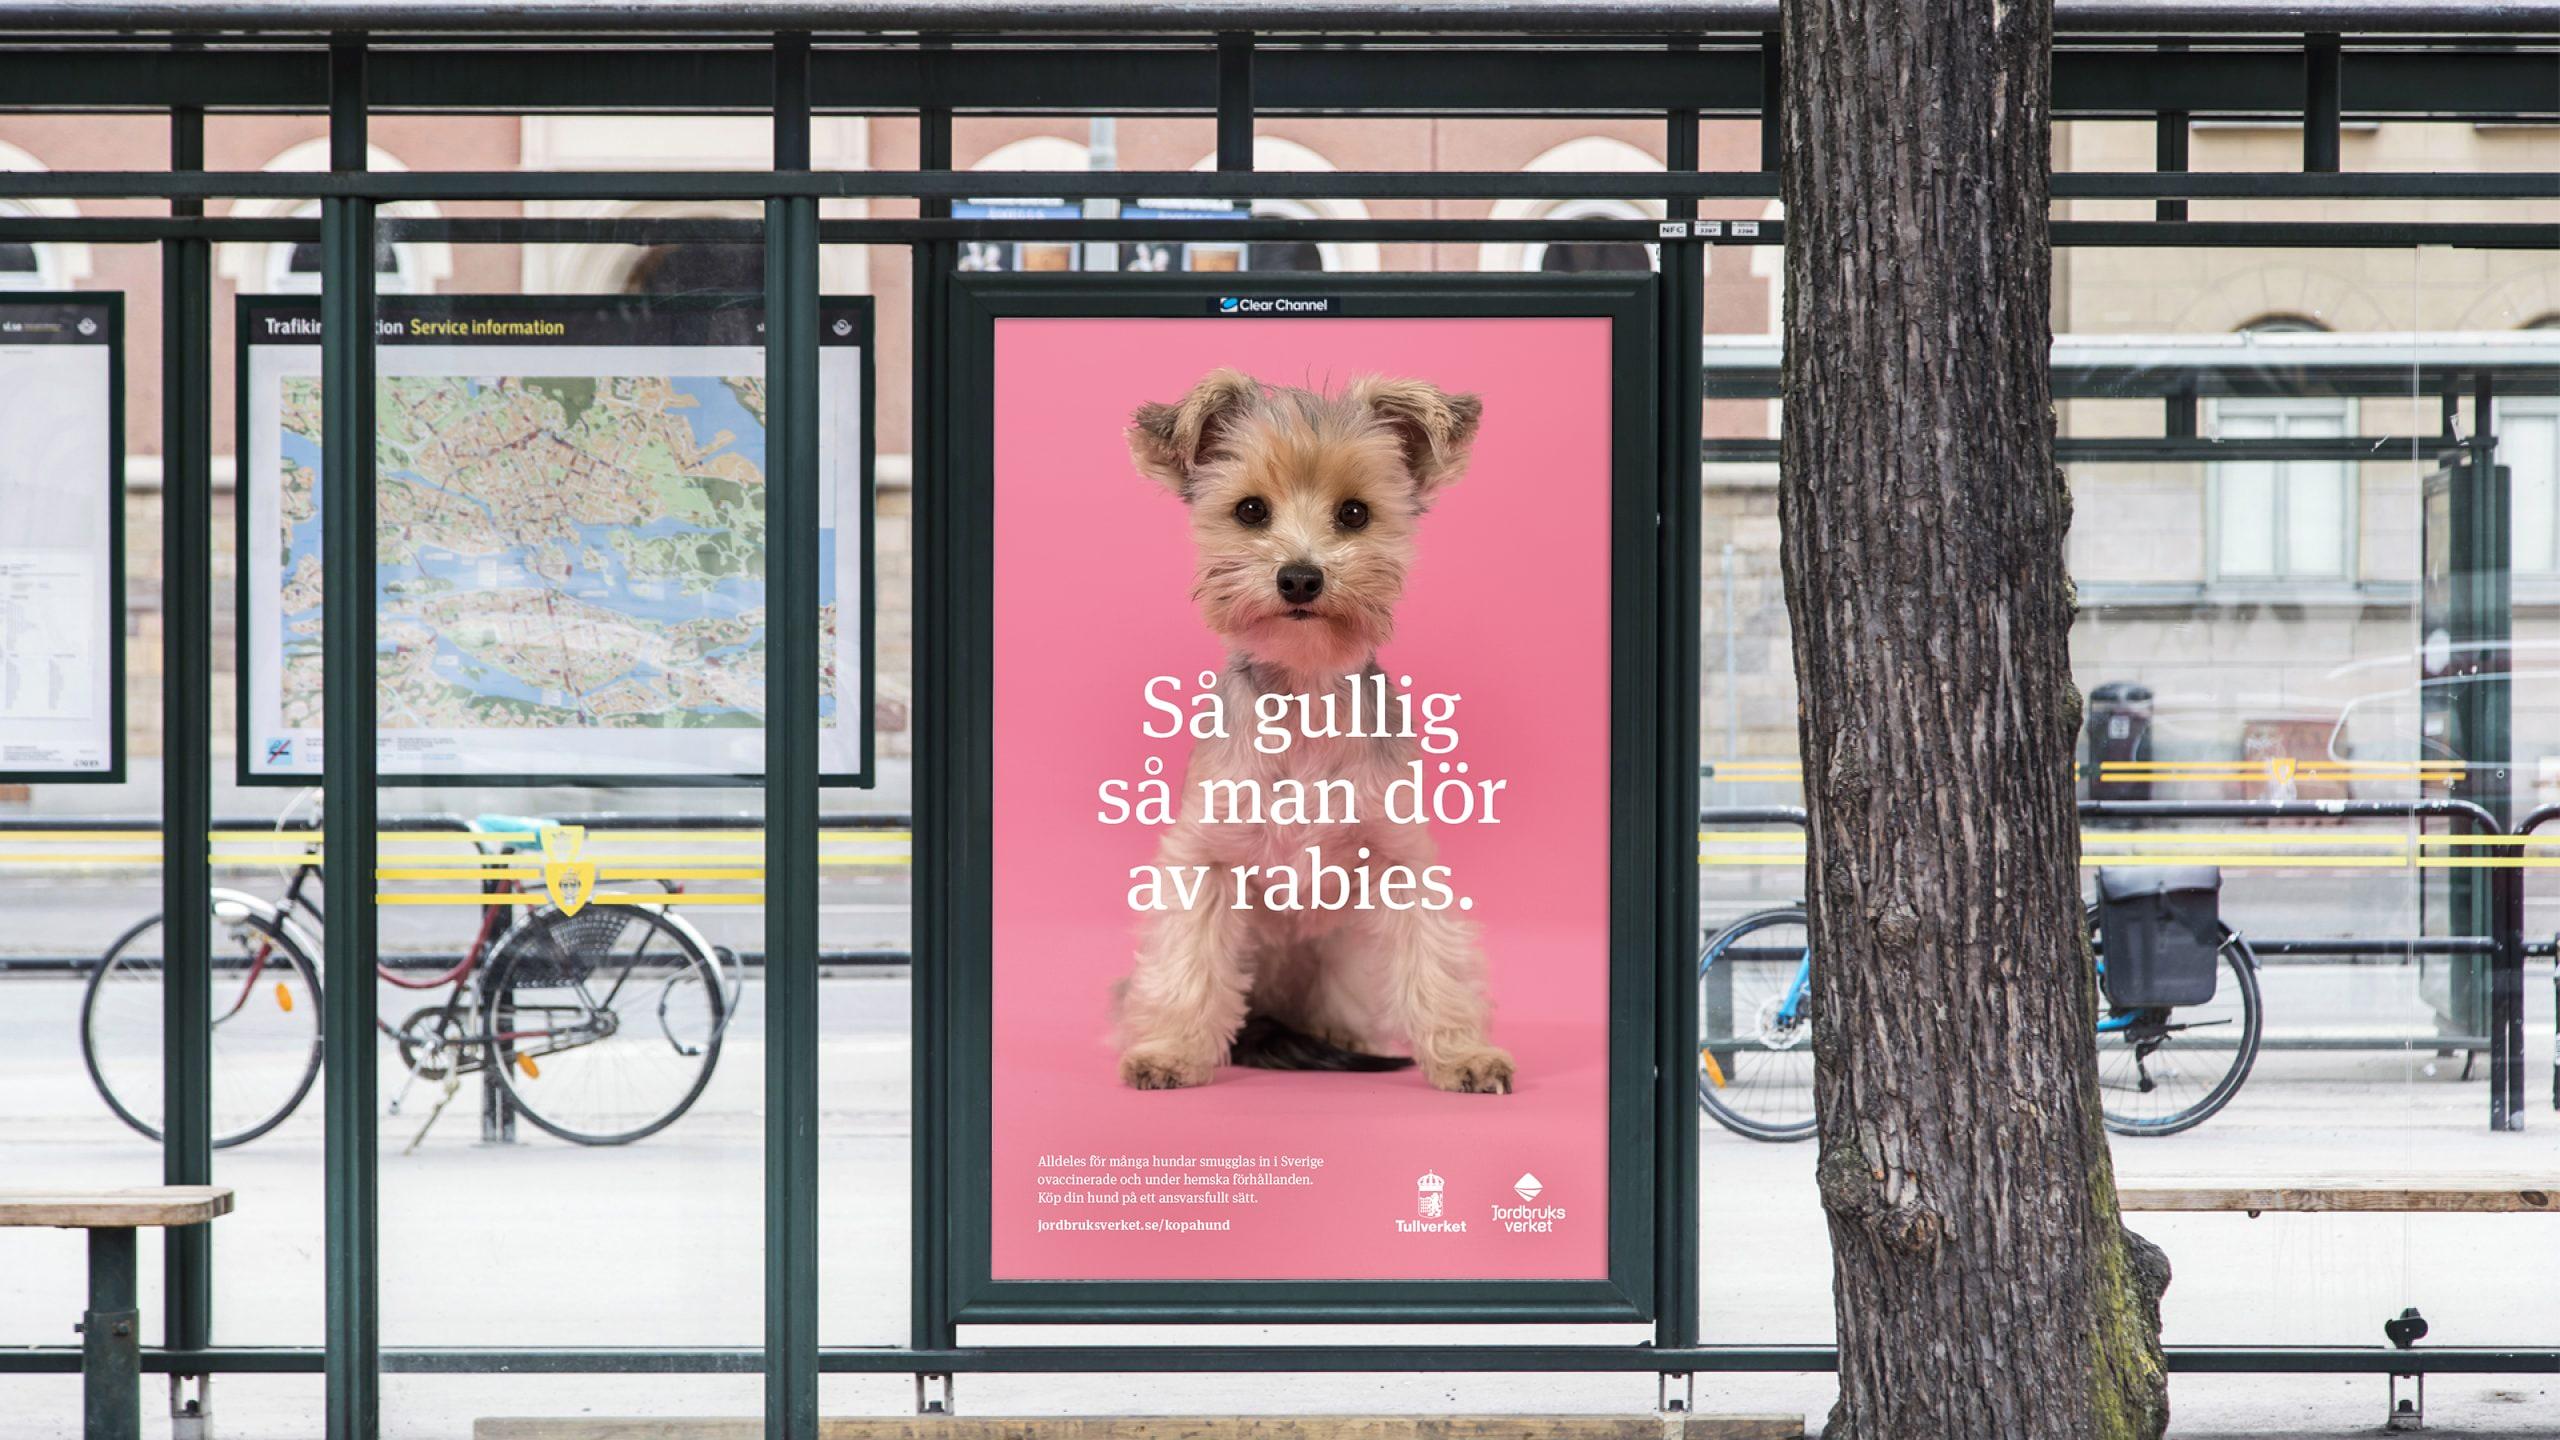 Smuggelhundarna, stortavla på stan